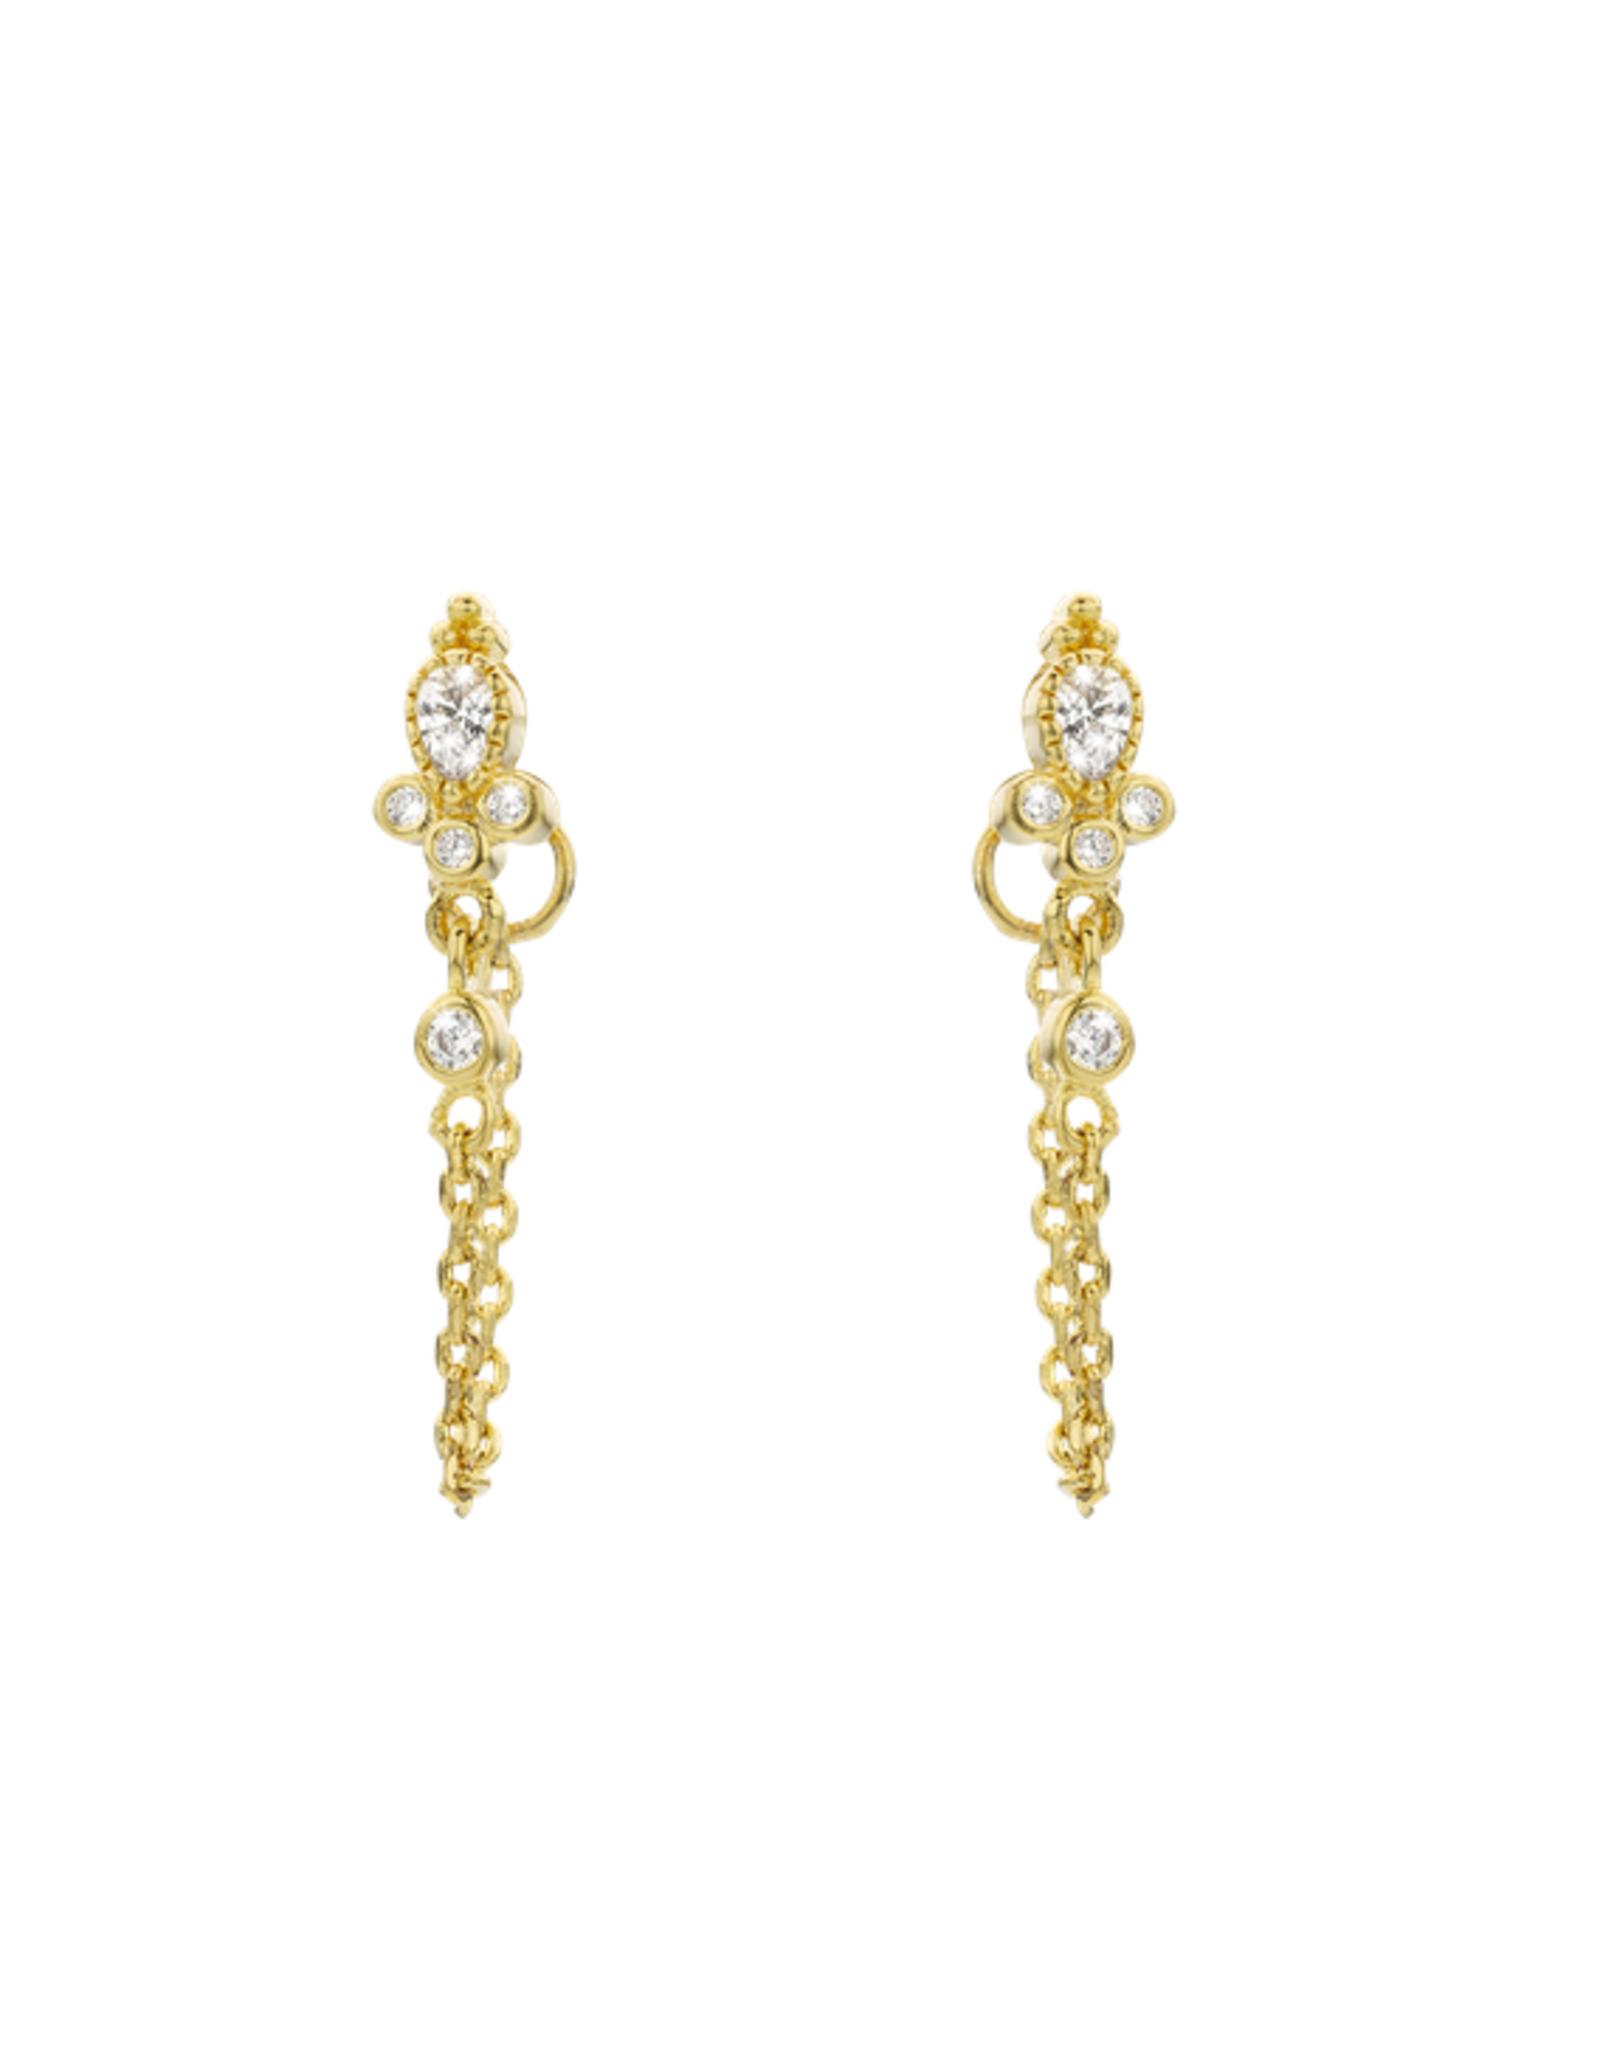 Darjeeling Earring